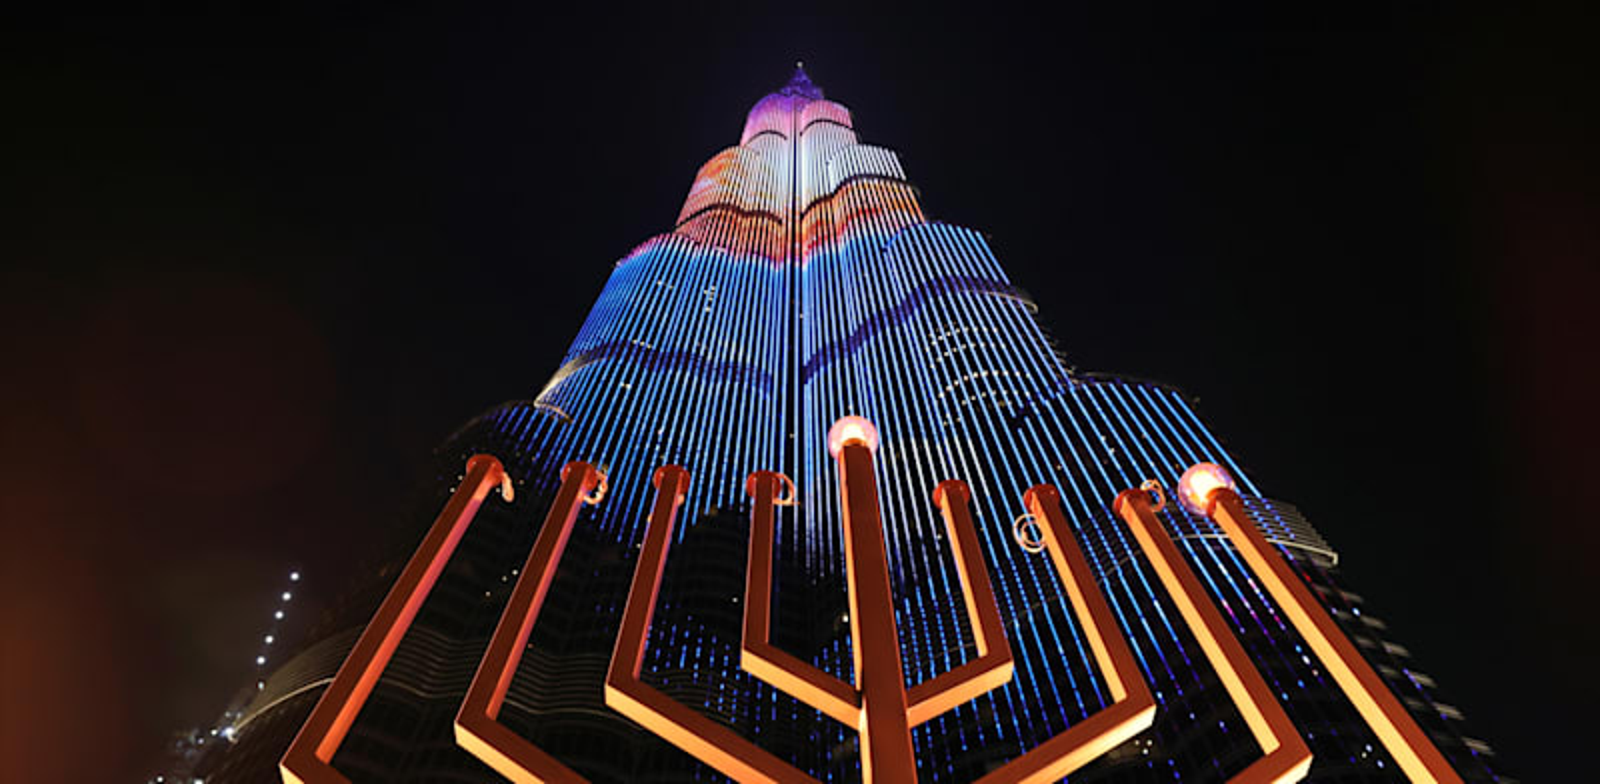 חוגגים חנוכה בדובאי / צילום: Reuters, Christopher Pike